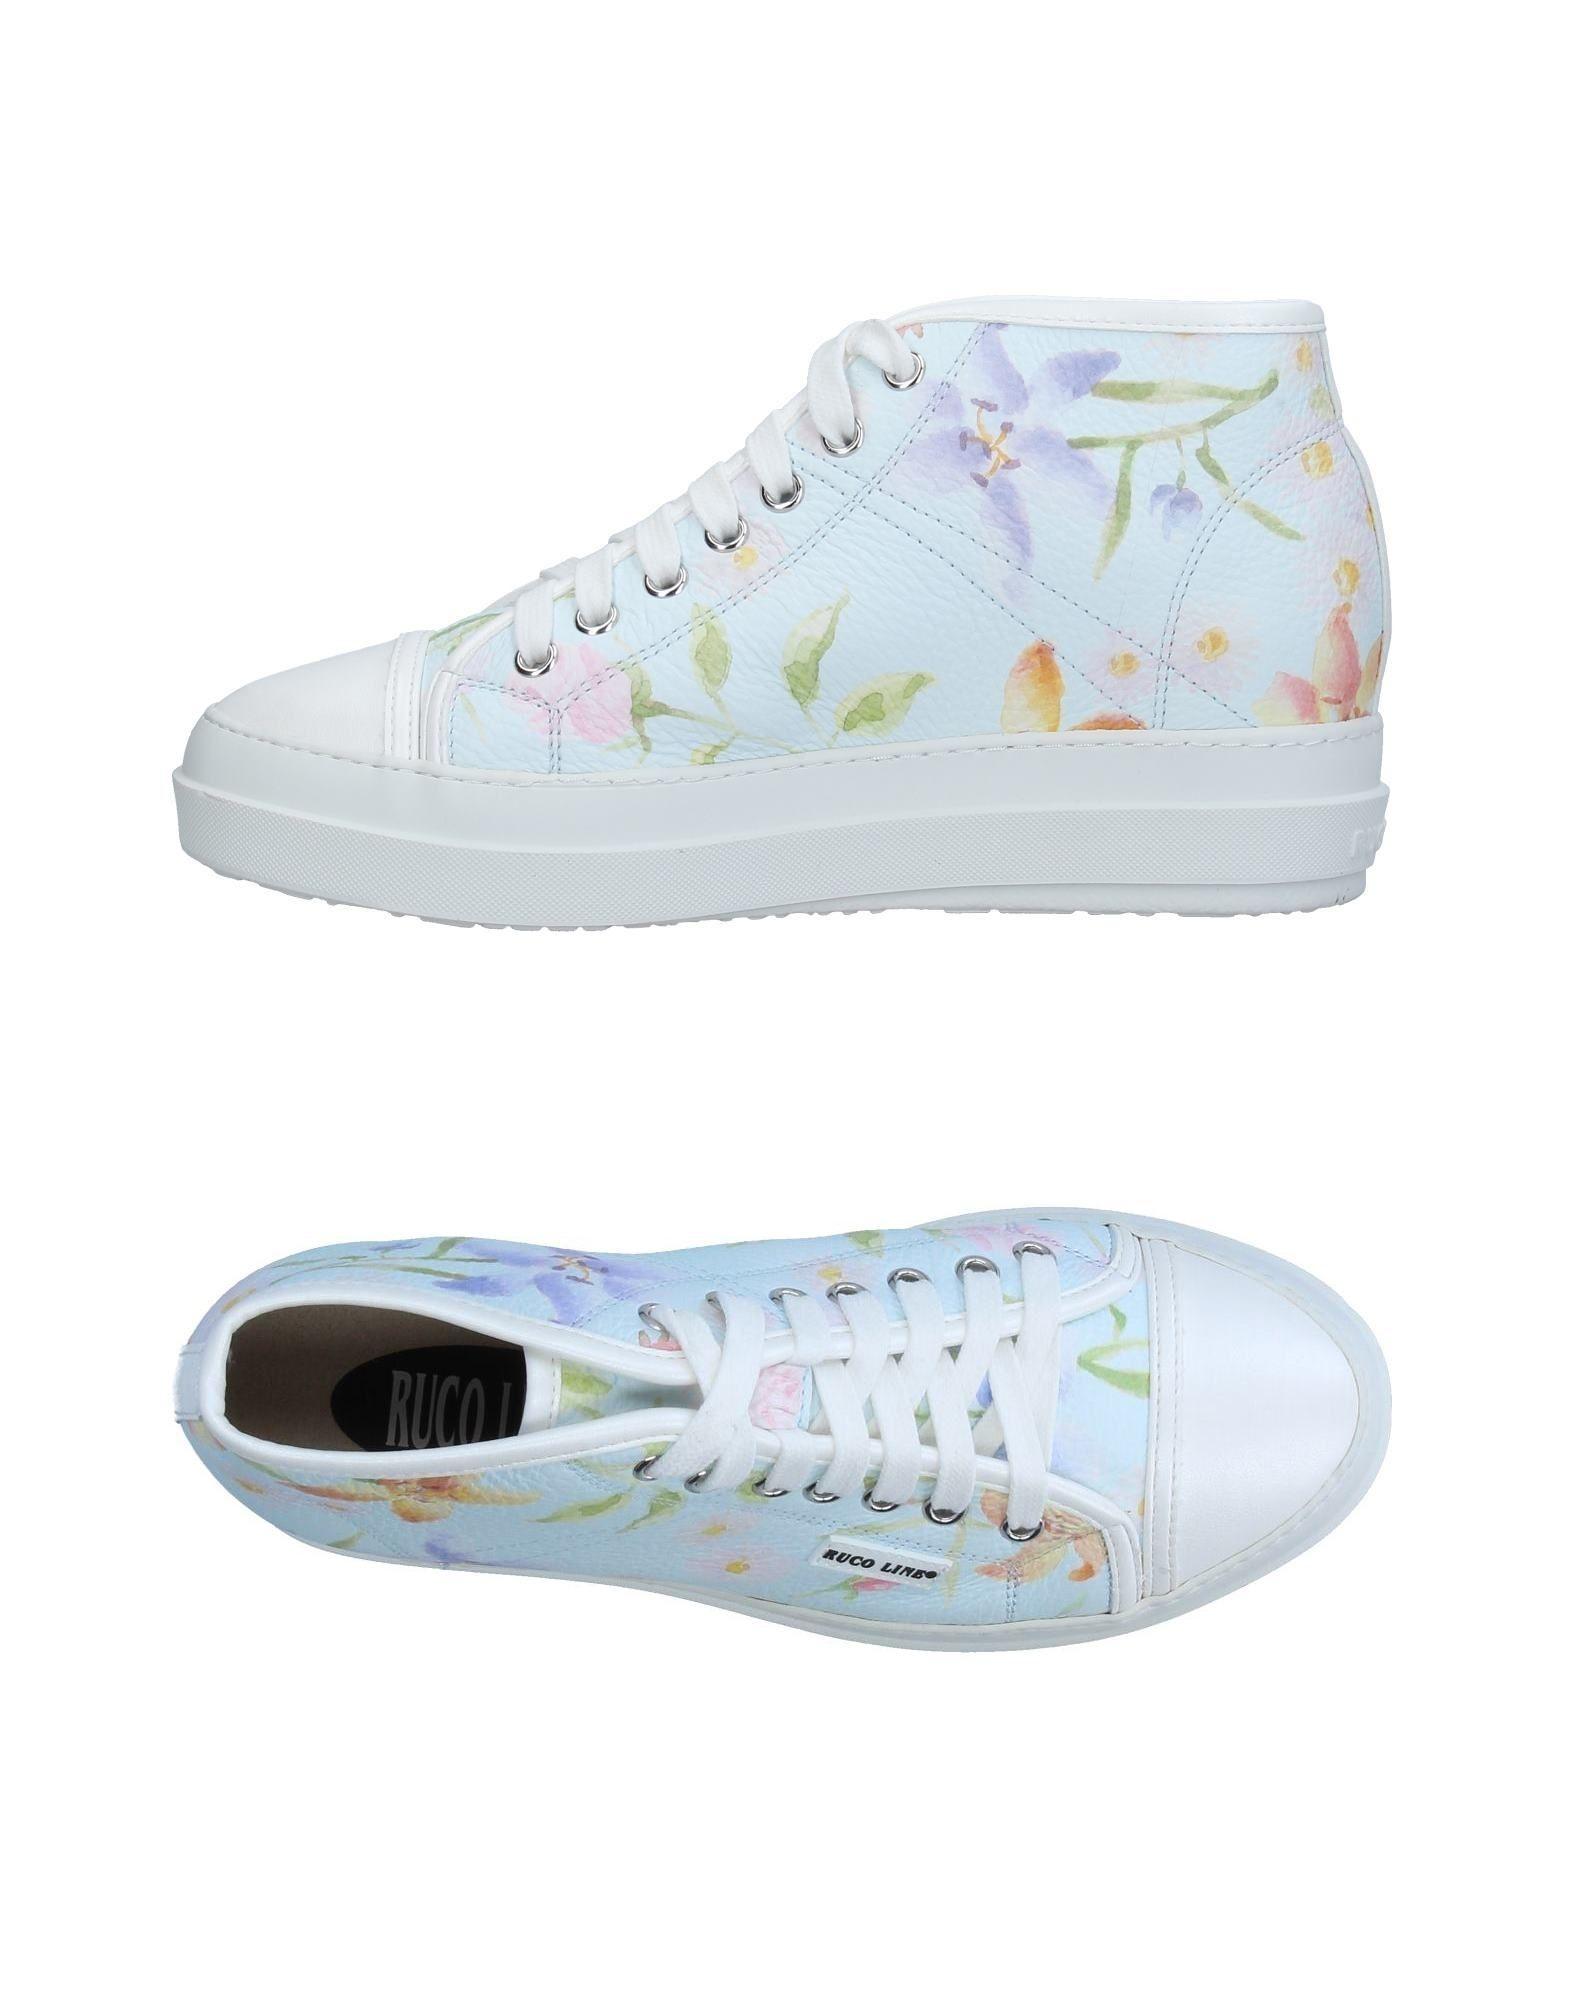 Ruco Line  Sneakers Damen  11333736KK  Line 0739d7